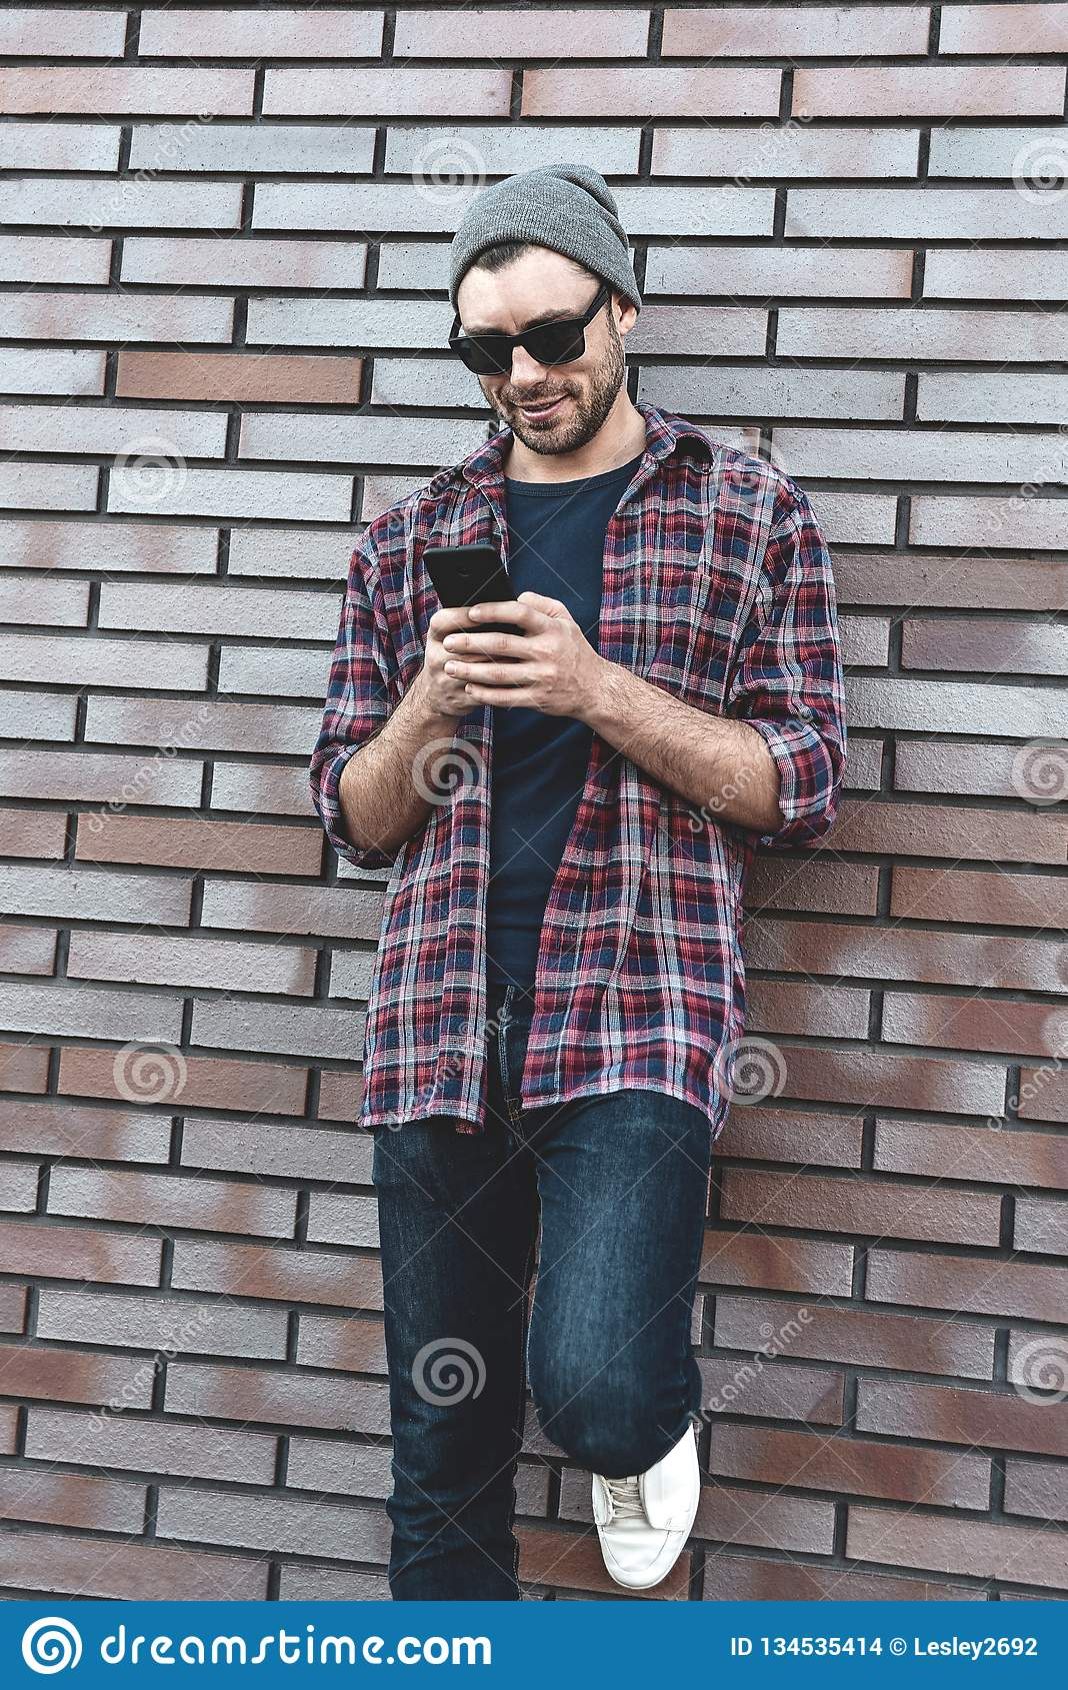 Μήνυμα κειμένου δακτυλογράφησης Πλάγια όψη του όμορφου νεαρού άνδρα στην έξυπνη περιστασιακή ένδυση που κρατά το κινητό τηλέφωνο